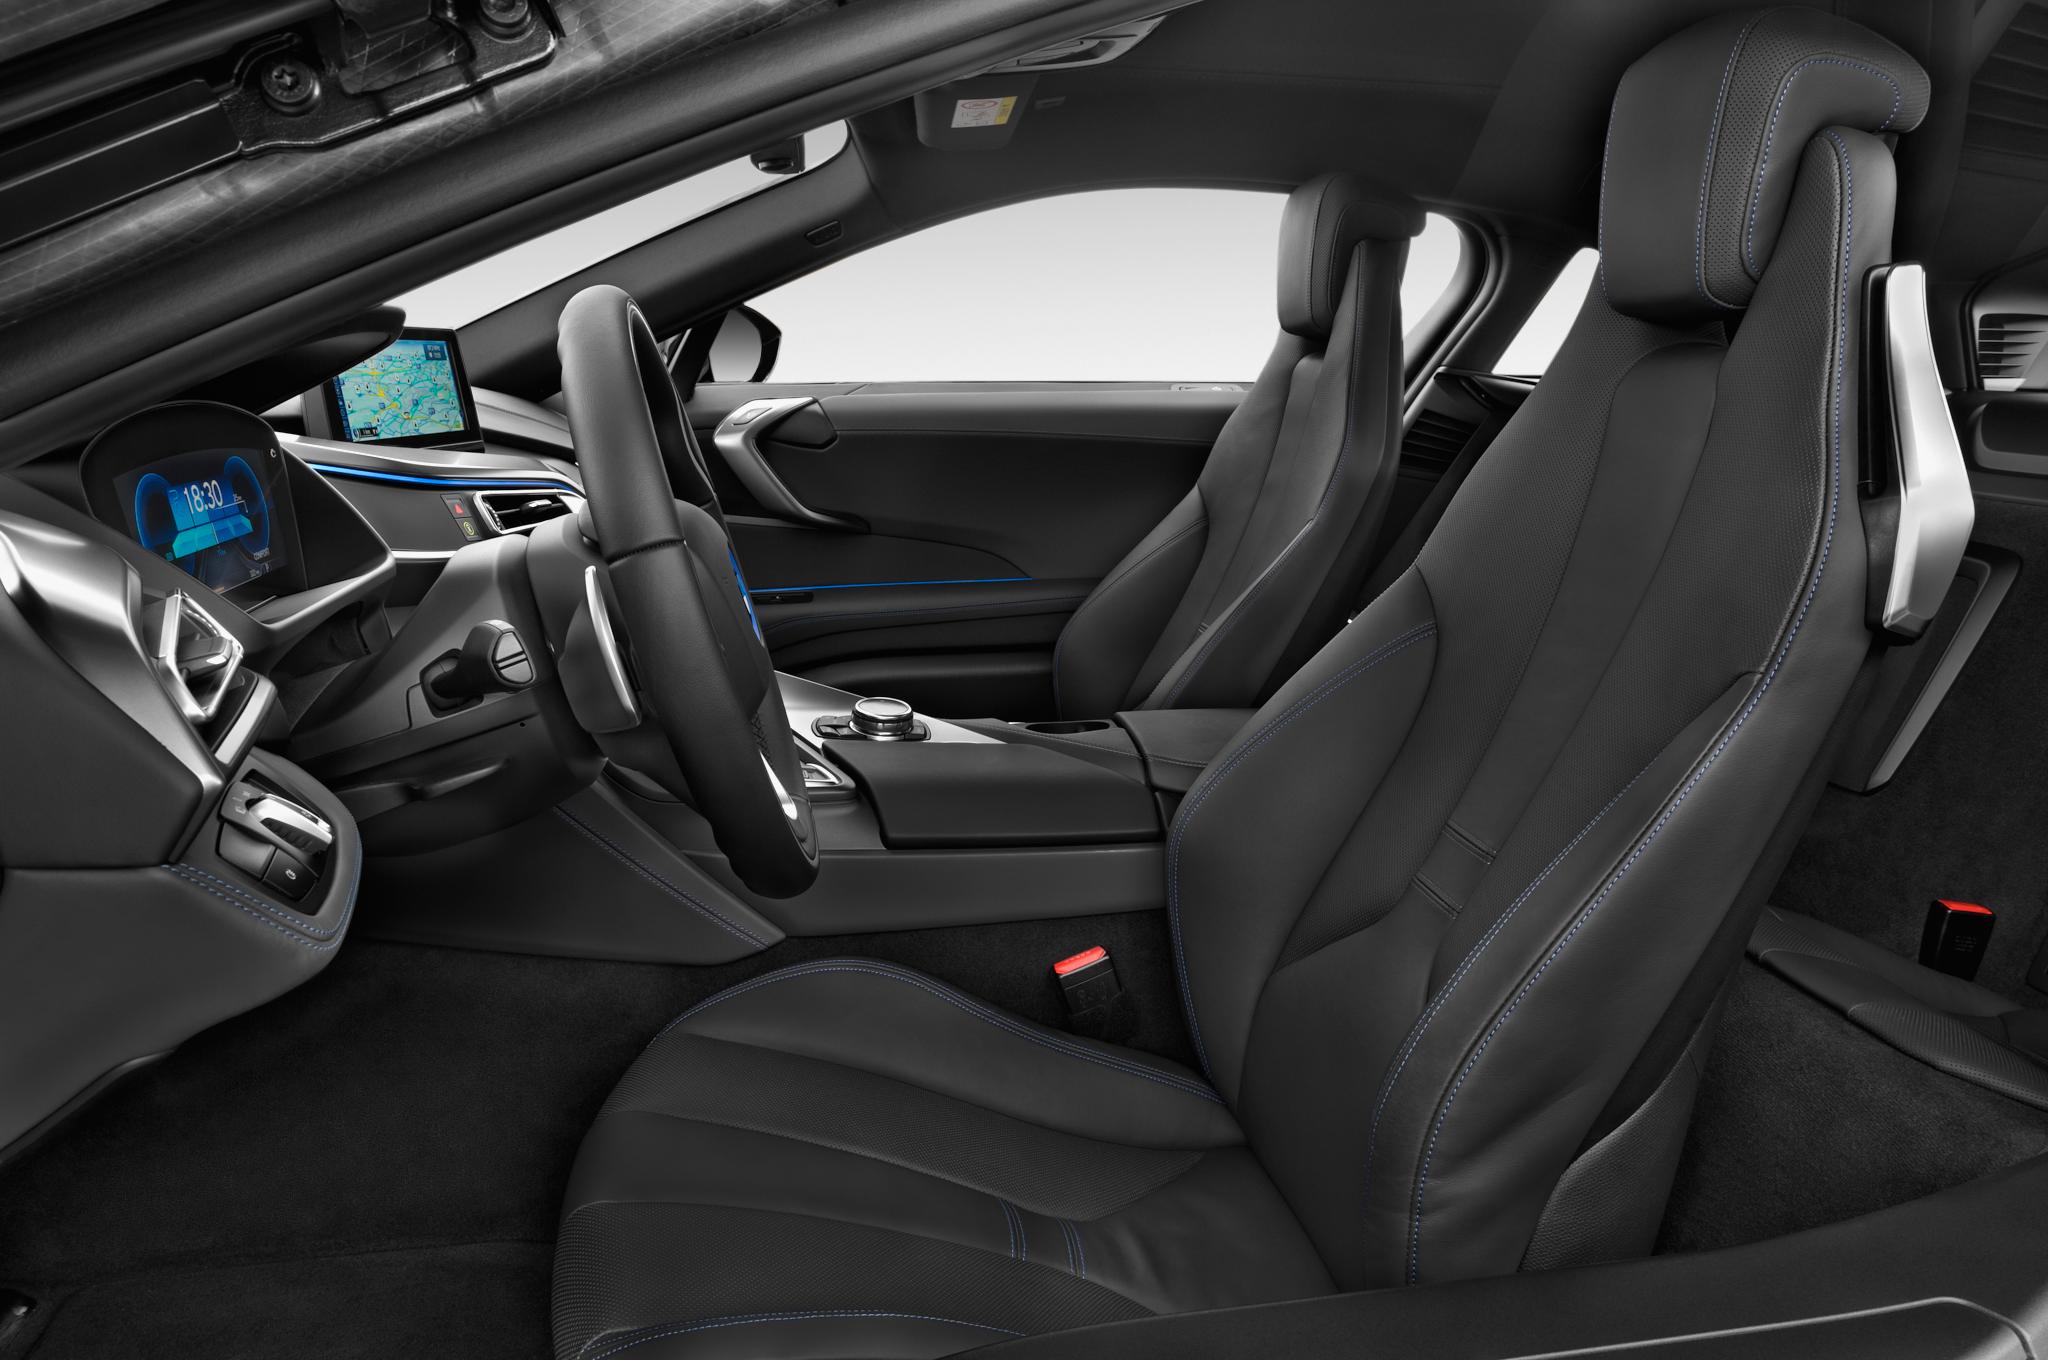 BMW I8 I 2014